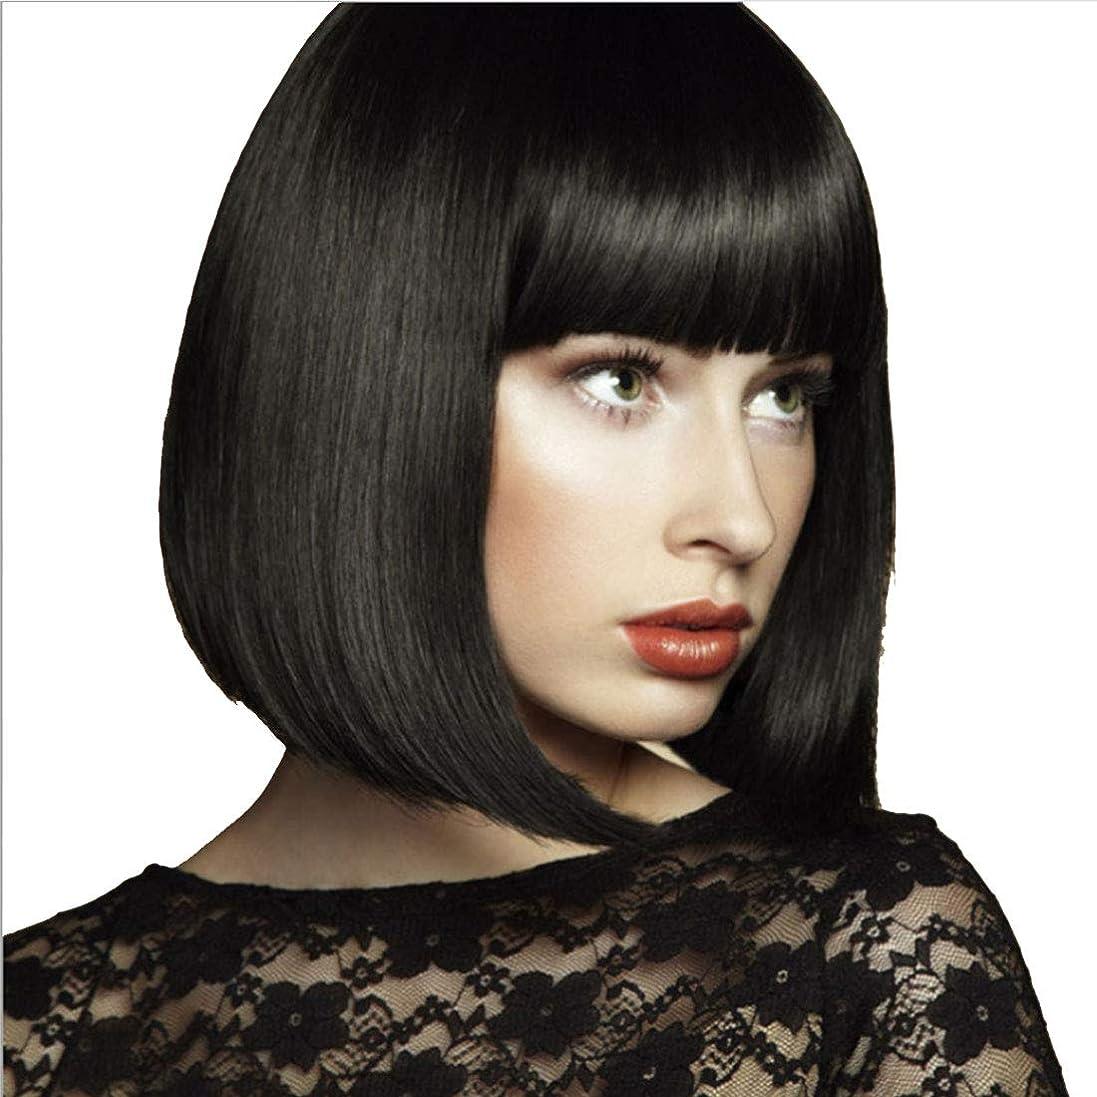 質素な発症シアーKoloeplf 女性のためのナチュラルカラーウィッグショートボブ合成完全なヘアウィッグ耐熱短いショートストレートウィッグ35センチメートル (Color : ブラック)